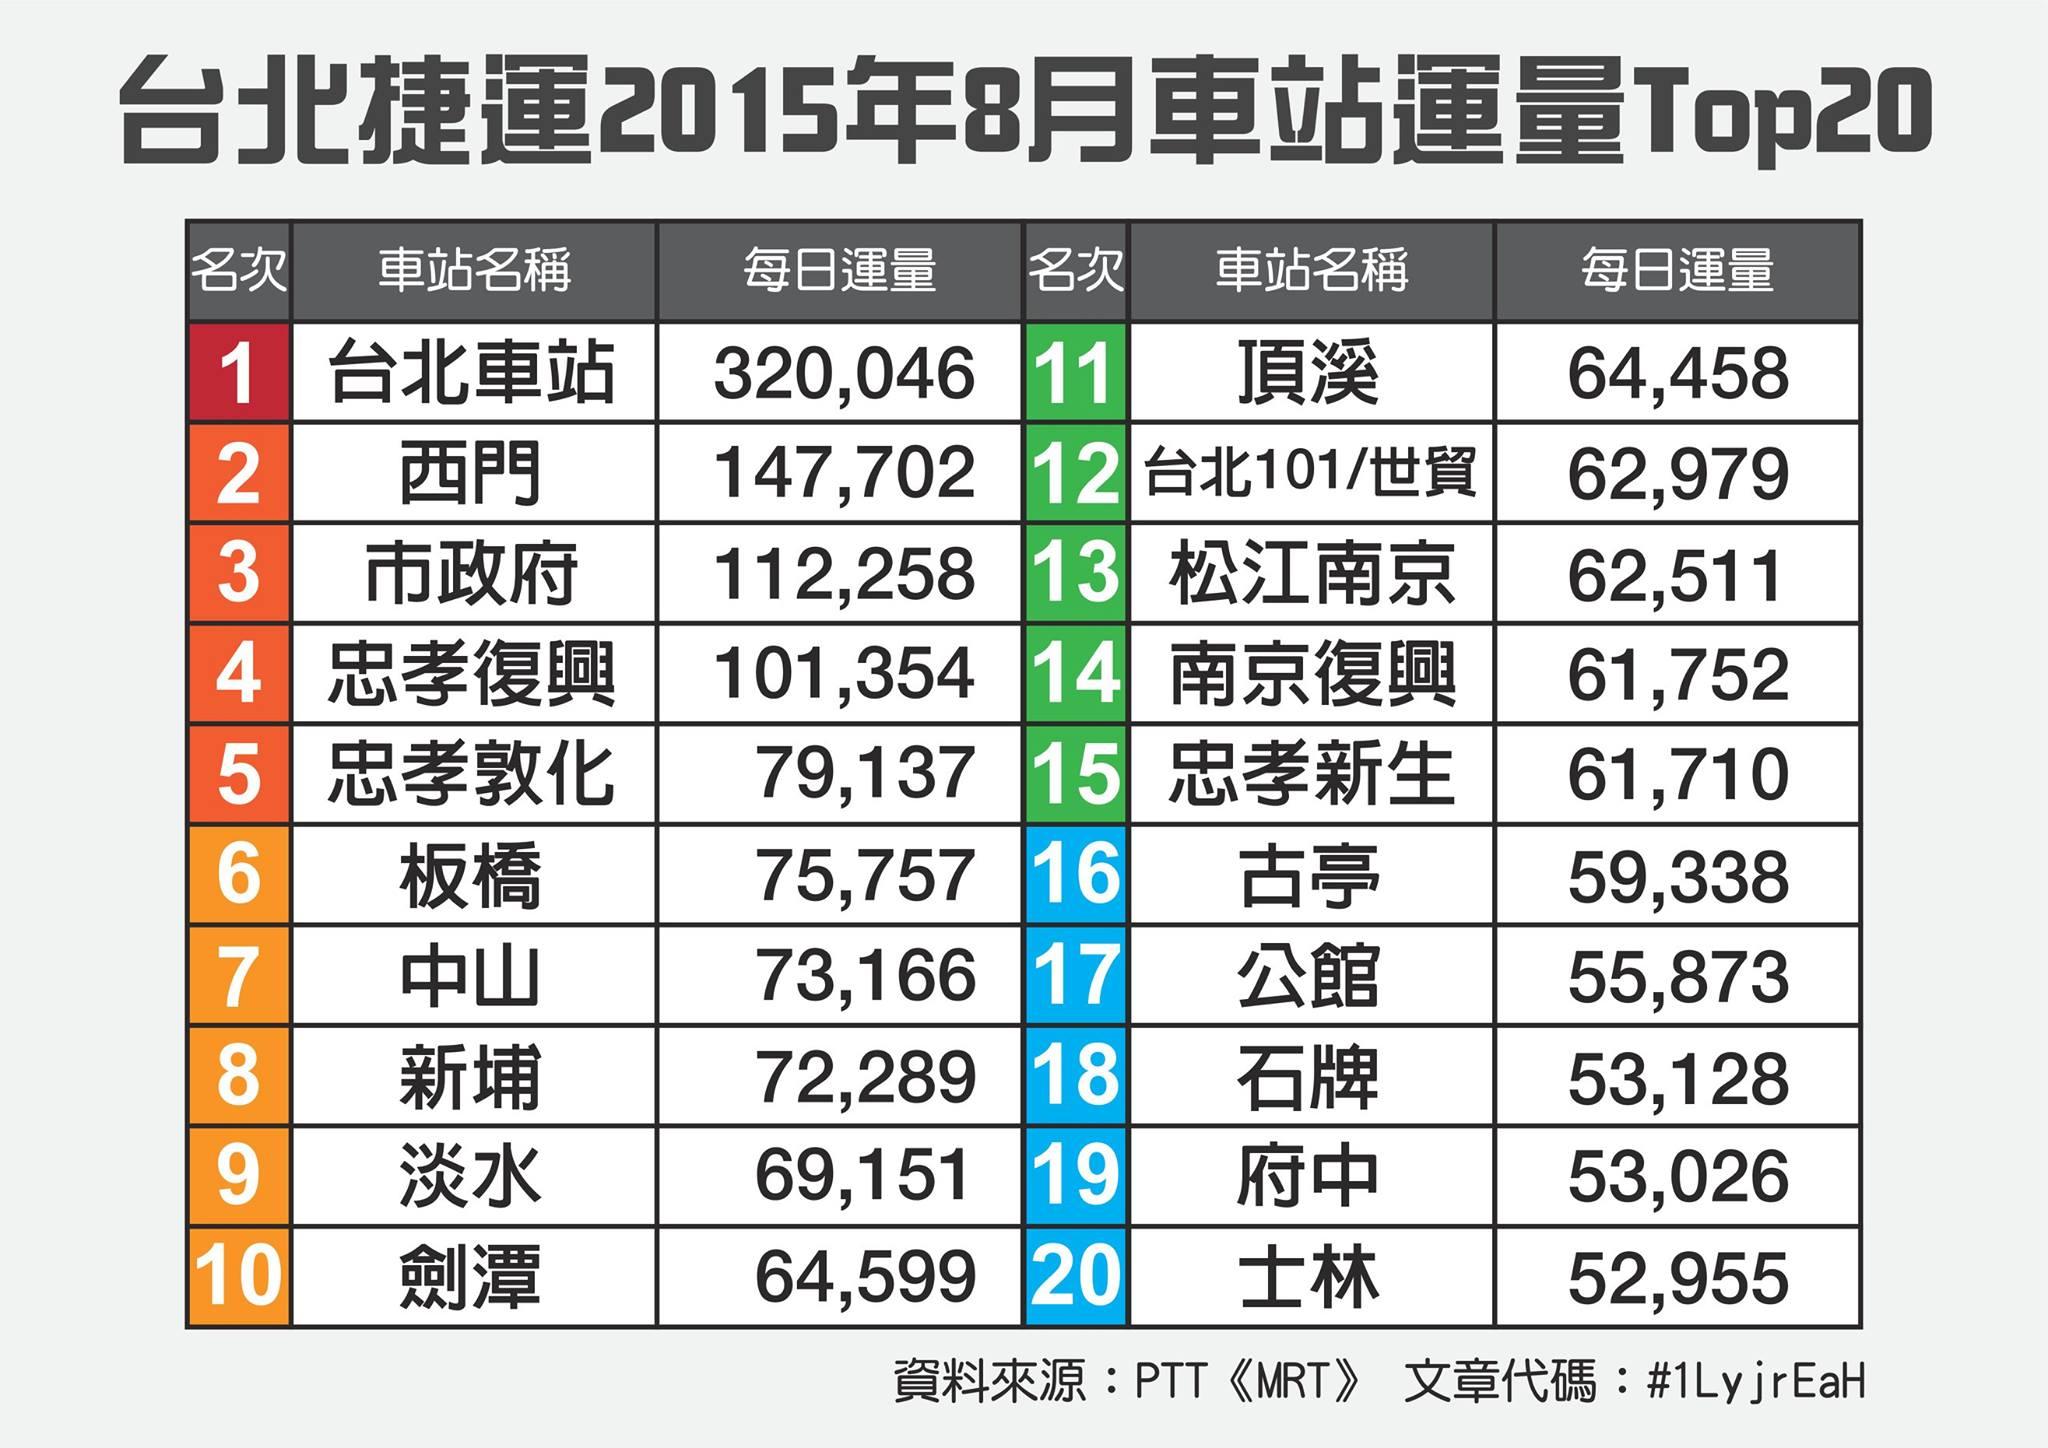 台北捷運2015年08月運量前20名